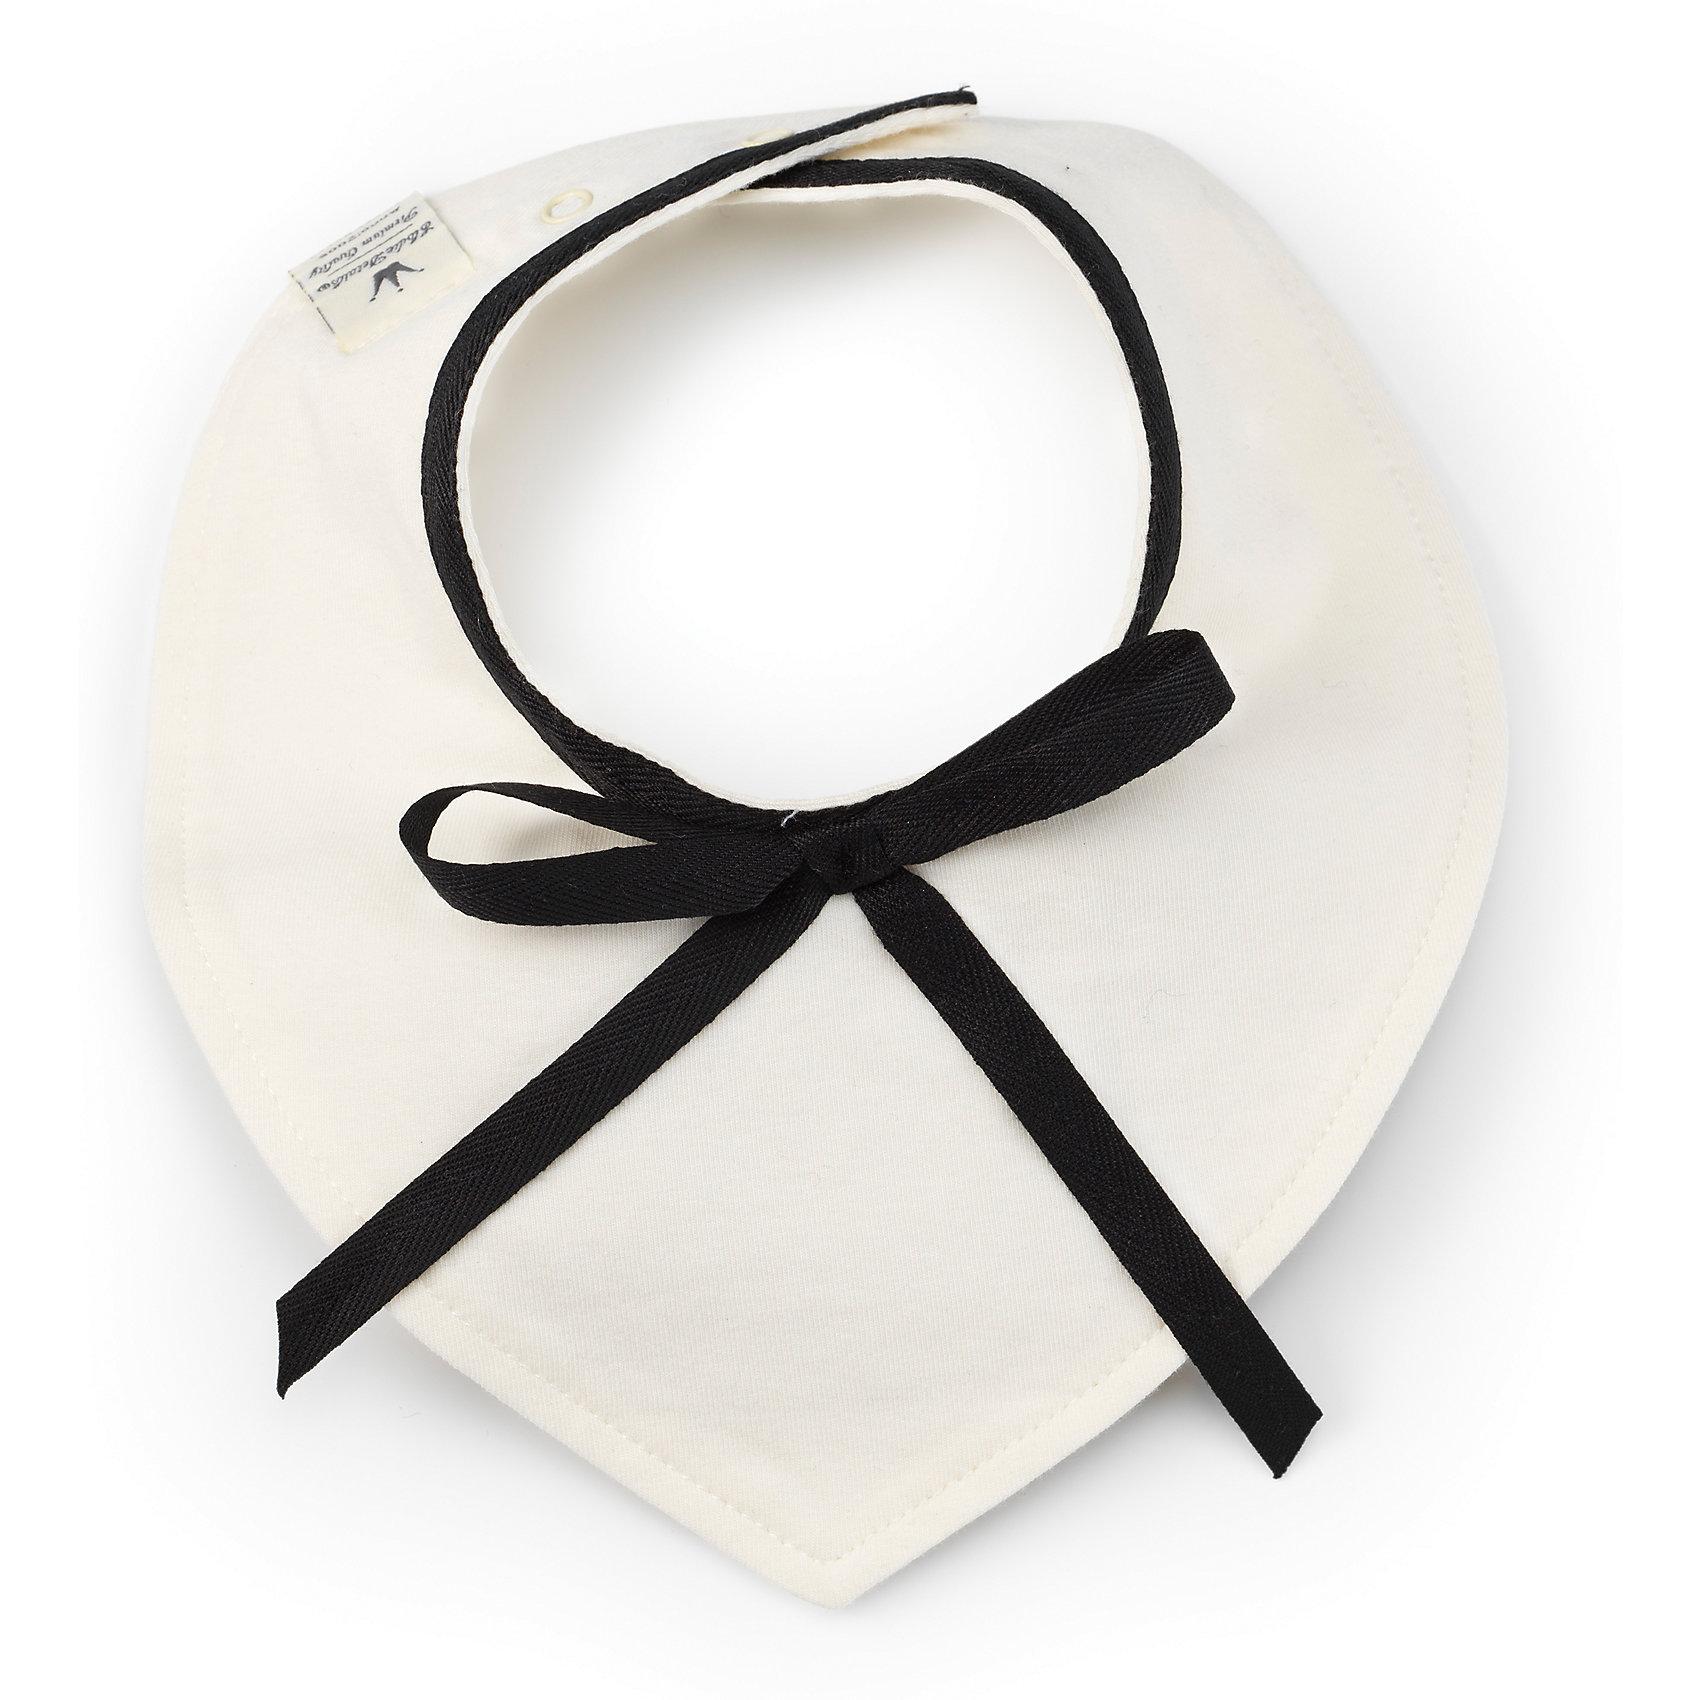 Нагрудник Precious Preppy, Elodie DetailsНагрудники и салфетки<br>Нагрудник Precious Preppy, Elodie Details (Элоди Дитейлс)<br><br>Характеристики:<br><br>• застежки-кнопки<br>• легко очищается<br>• не вызывает аллергии<br>• материал: хлопок, бамбуковое волокно<br>• размер упаковки: 24х0,2х19 см<br>• вес: 25 грамм<br><br>Нагрудник Previous Preppy поможет вам в уходе за малышом во время приёма пищи. Нагрудник быстро впитает жидкость, чтобы одежда крохи оставалась чистой. Внутренняя сторона изготовлена из натурального хлопка, а  лицевая - из бамбукового волокна. Нагрудник имеет две кнопки, регулирующие размер ворота. Нагрудник легко поддается стирке и быстро высыхает. Модель выполнена в белом цвете и украшена декоративным бантиком.<br><br>Нагрудник Precious Preppy, Elodie Details (Элоди Дитейлс) можно купить в нашем интернет-магазине.<br><br>Ширина мм: 190<br>Глубина мм: 2<br>Высота мм: 240<br>Вес г: 25<br>Возраст от месяцев: 0<br>Возраст до месяцев: 36<br>Пол: Женский<br>Возраст: Детский<br>SKU: 5613536